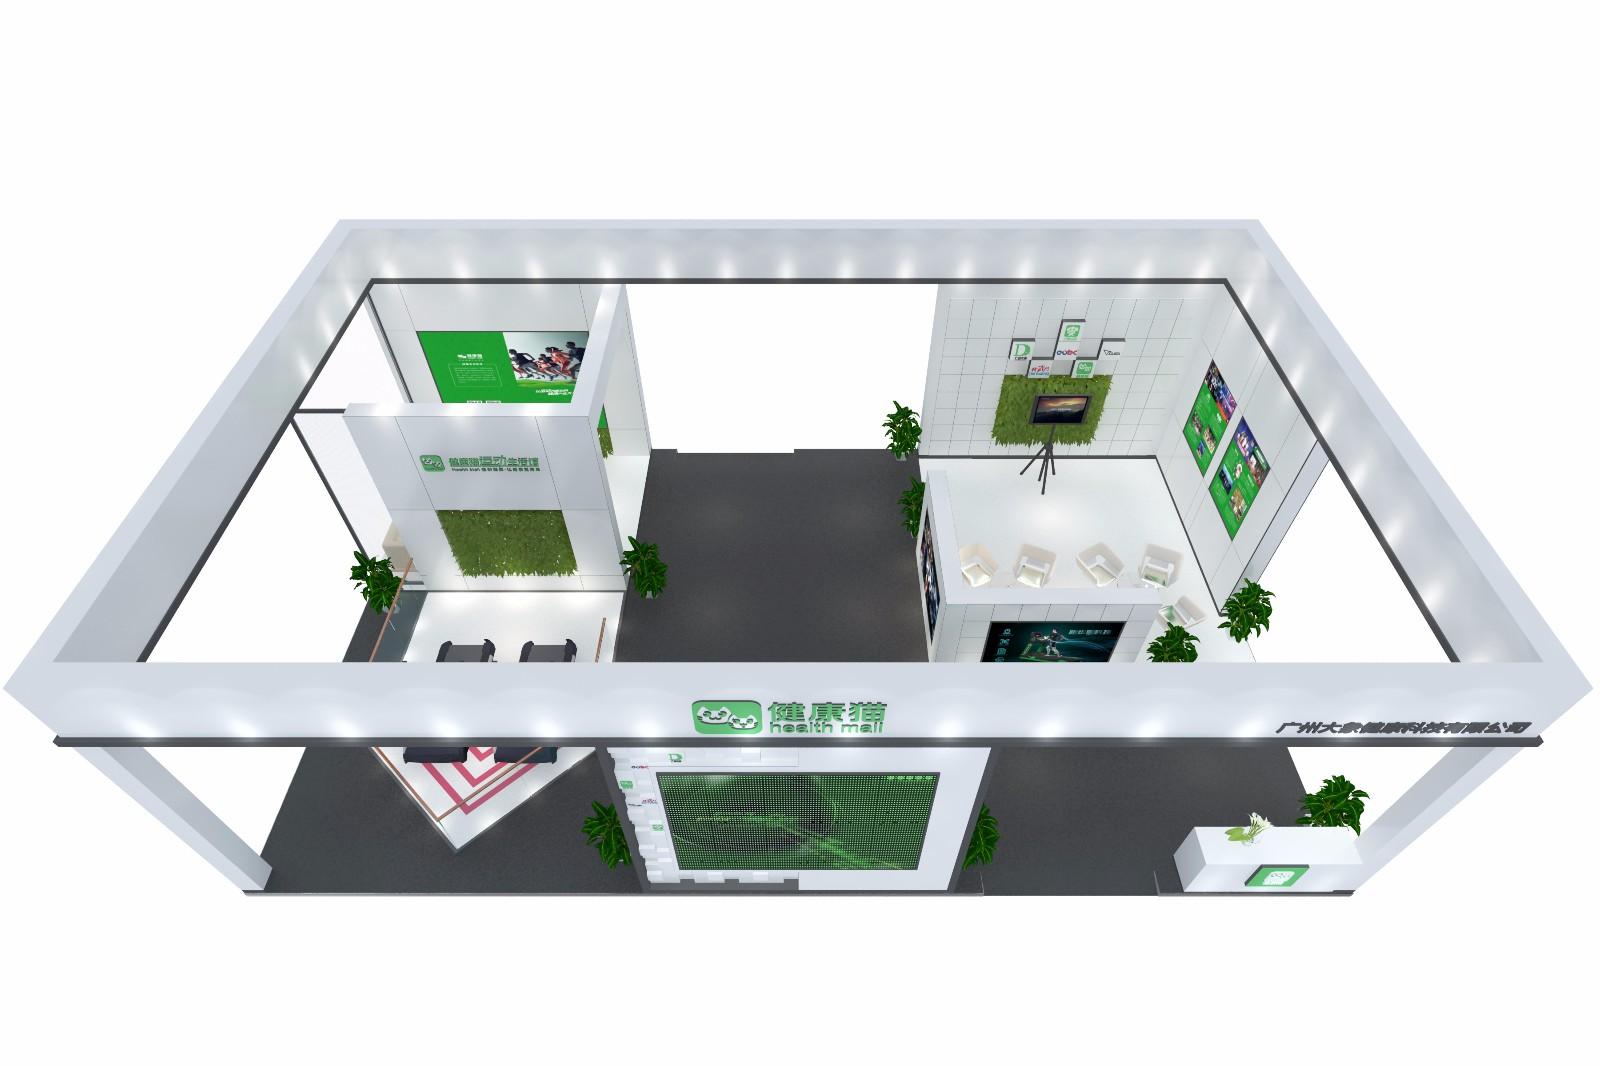 健康貓|展覽特裝-廈門市嘉維世紀會展服務有限公司